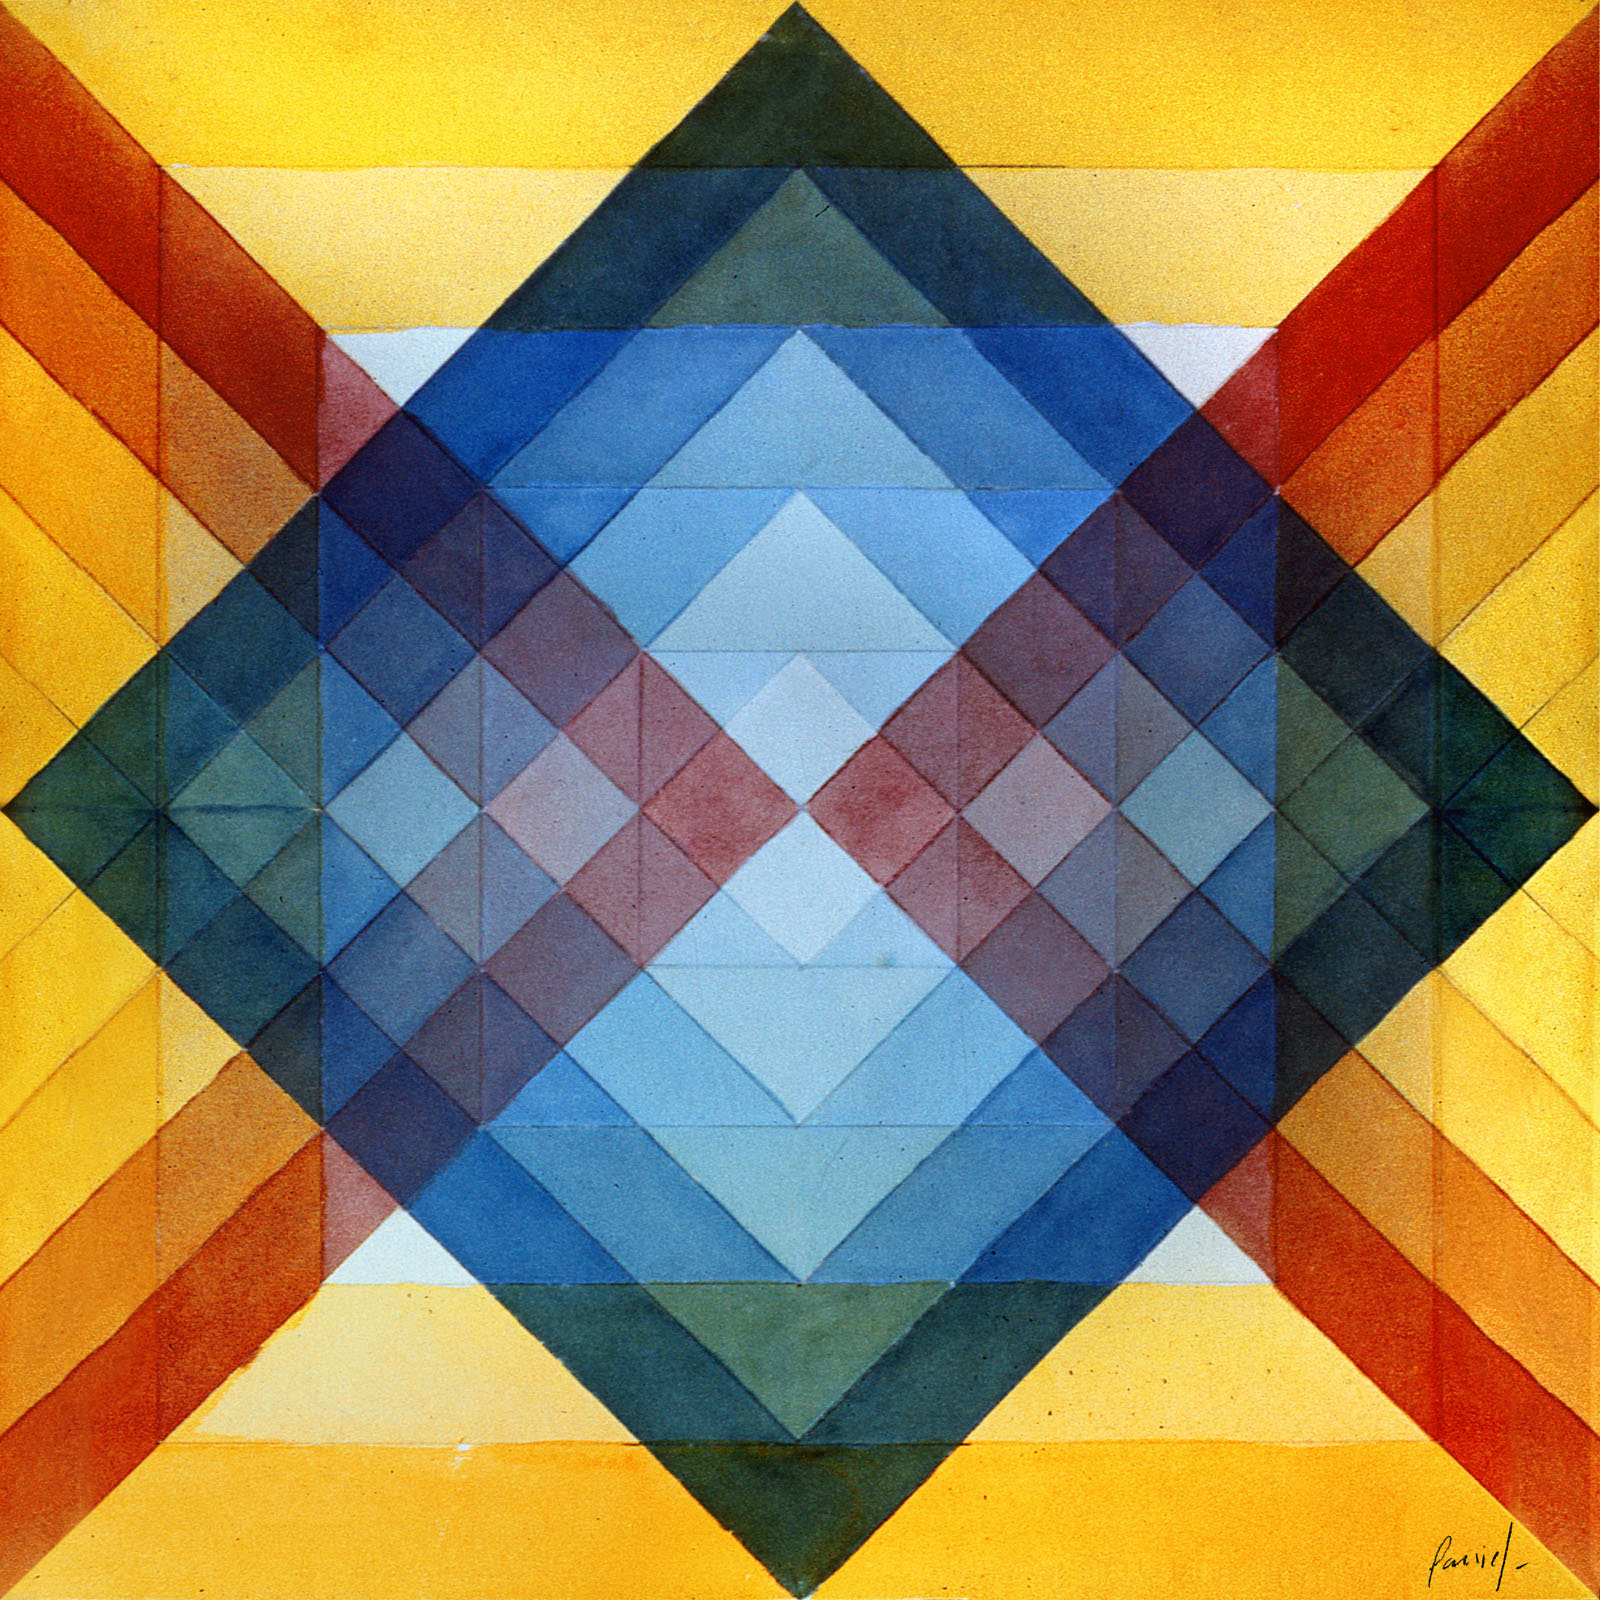 panies-danielvillalobos-painting-twentiethcentury-kinetic-art-14